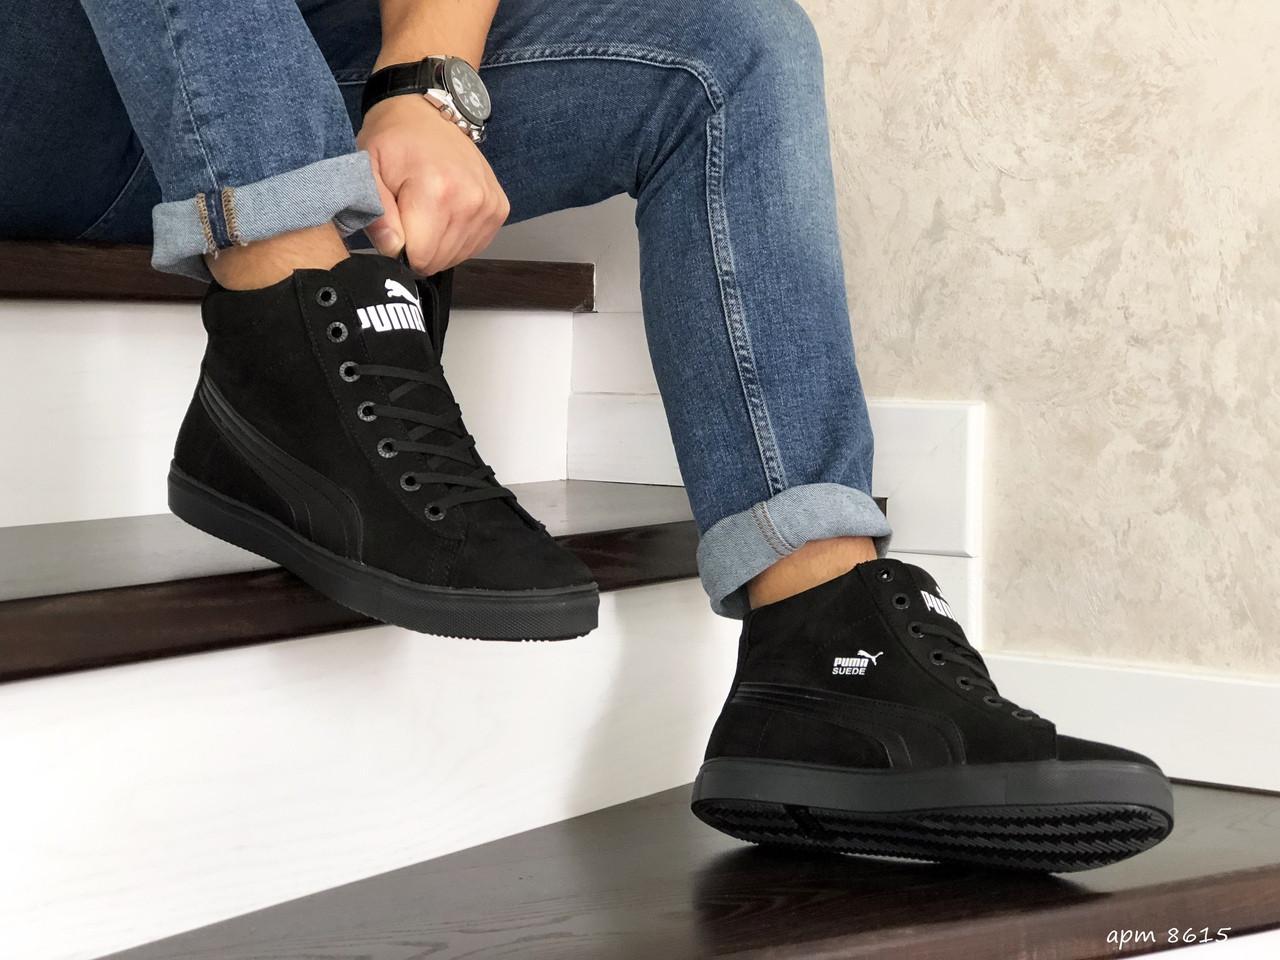 Чоловічі зимові кросівки Puma Suede (чорні)